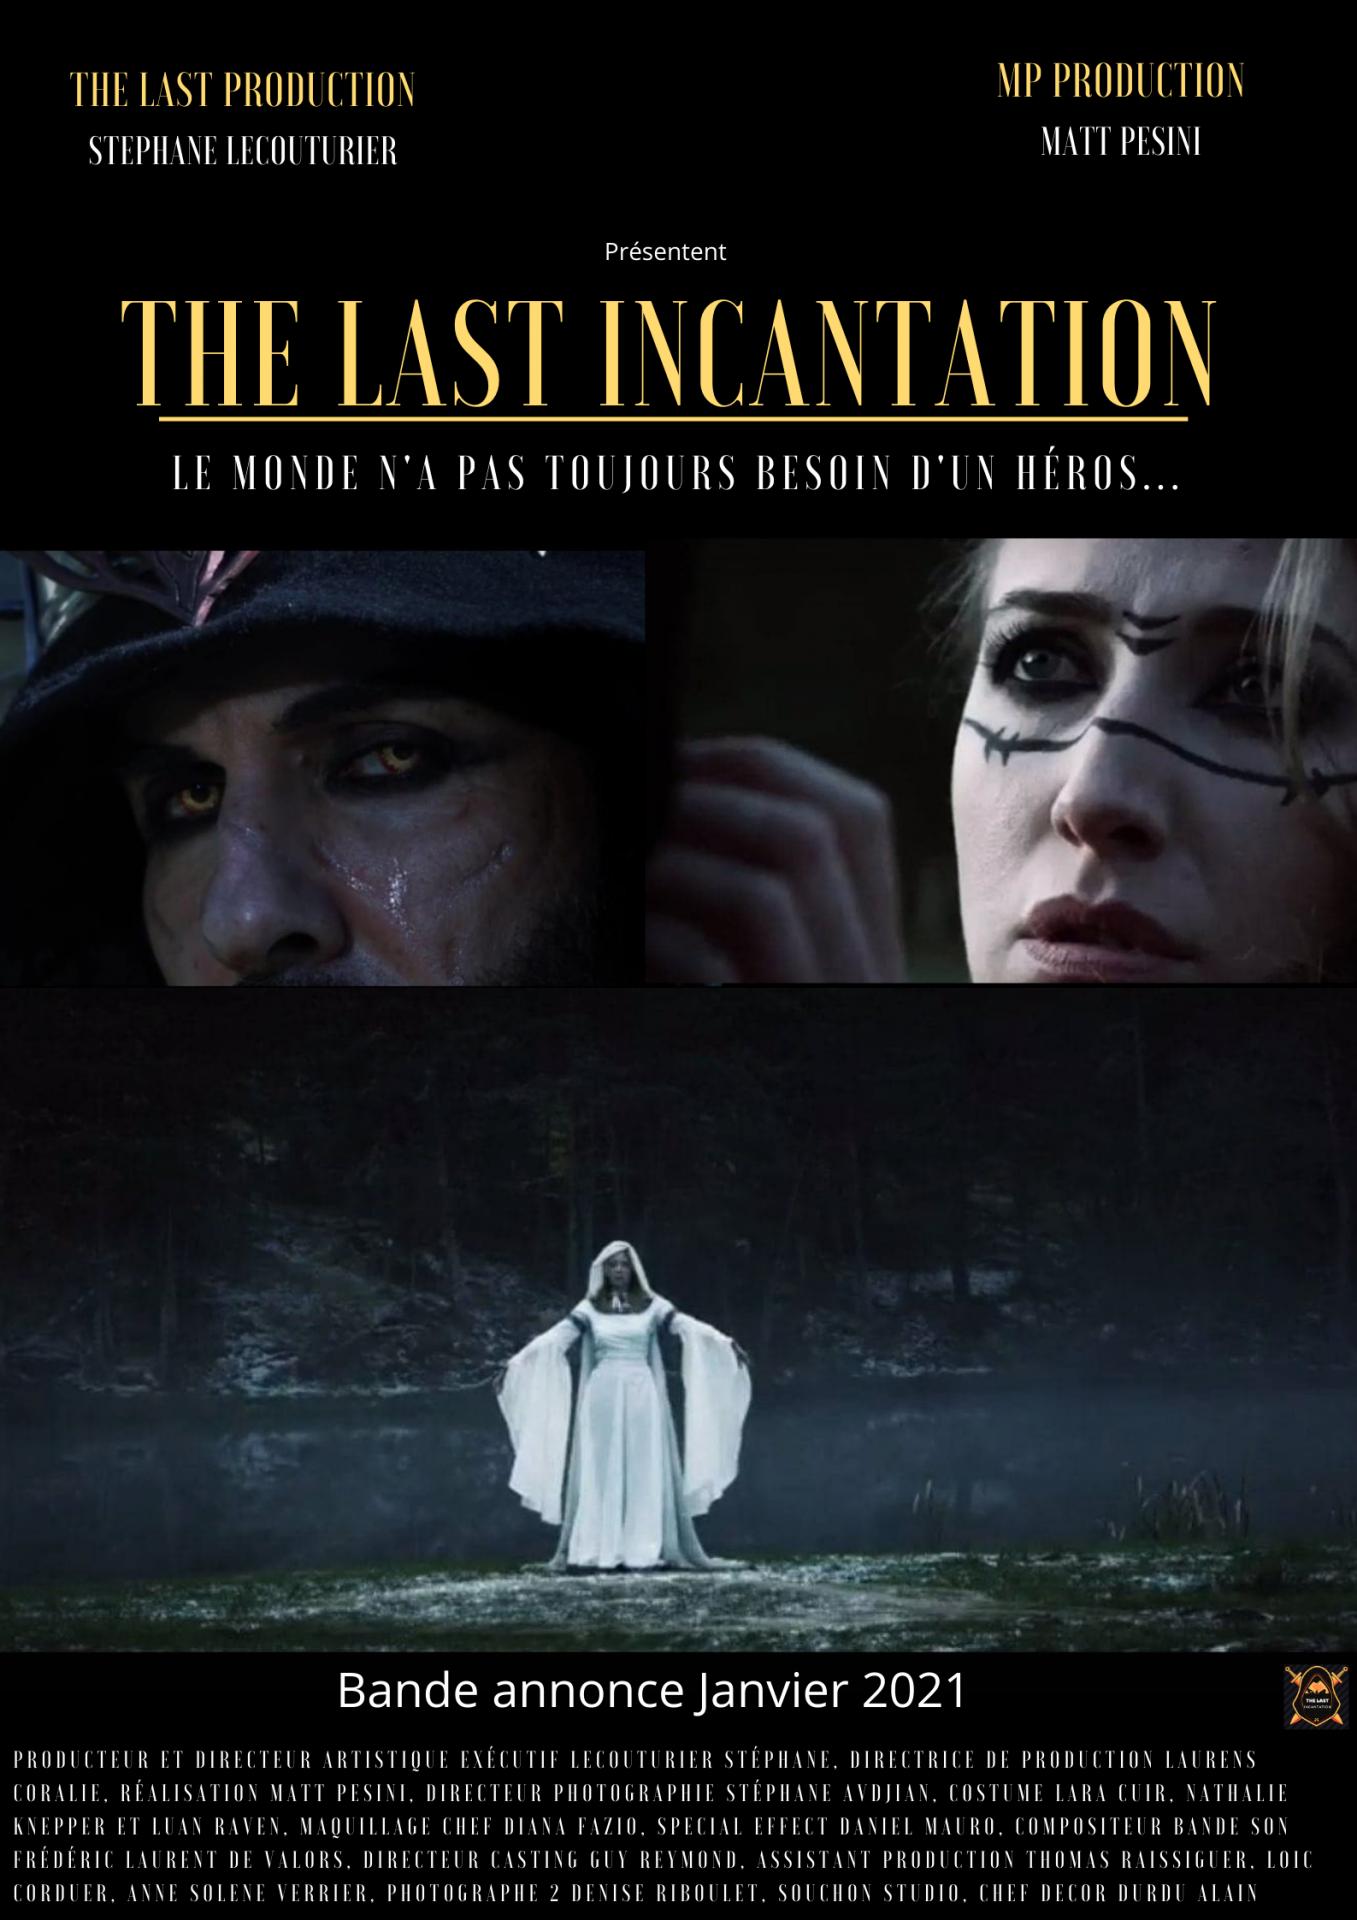 Bande annonce the last incantation affiche